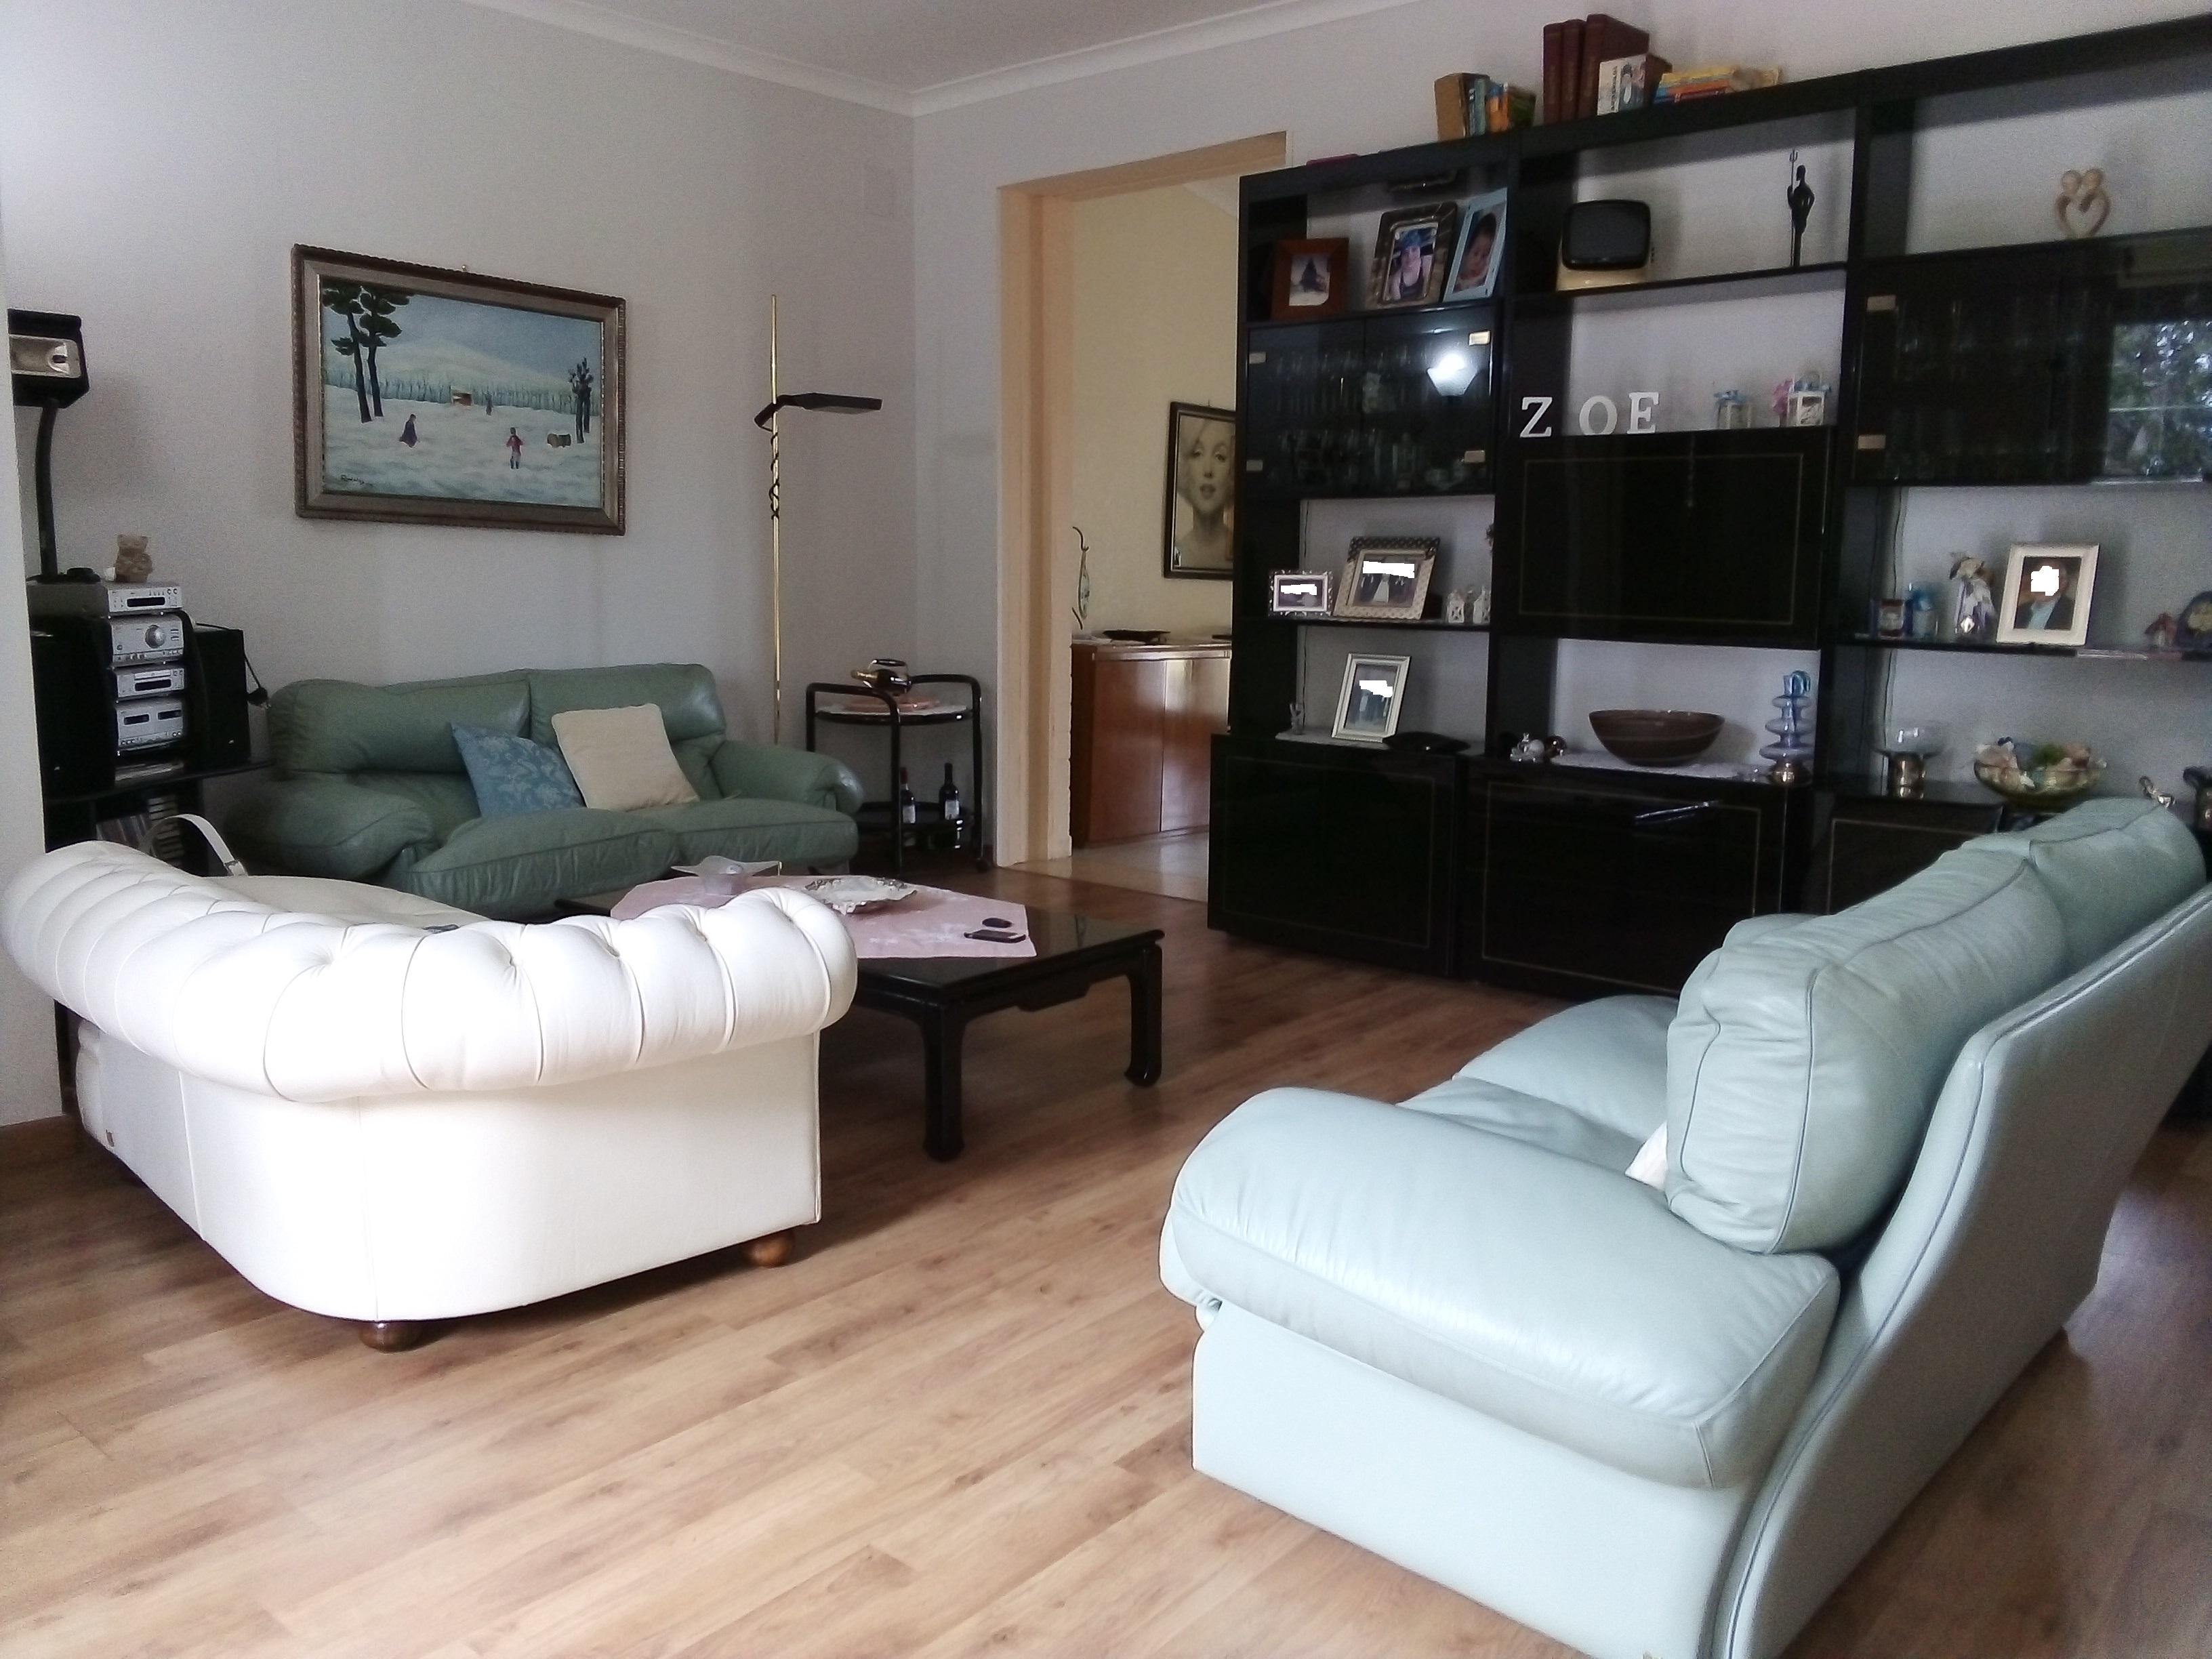 Appartamenti in vendita a Foggia- Via Gioberti 5 vani doppi accessori con terreno